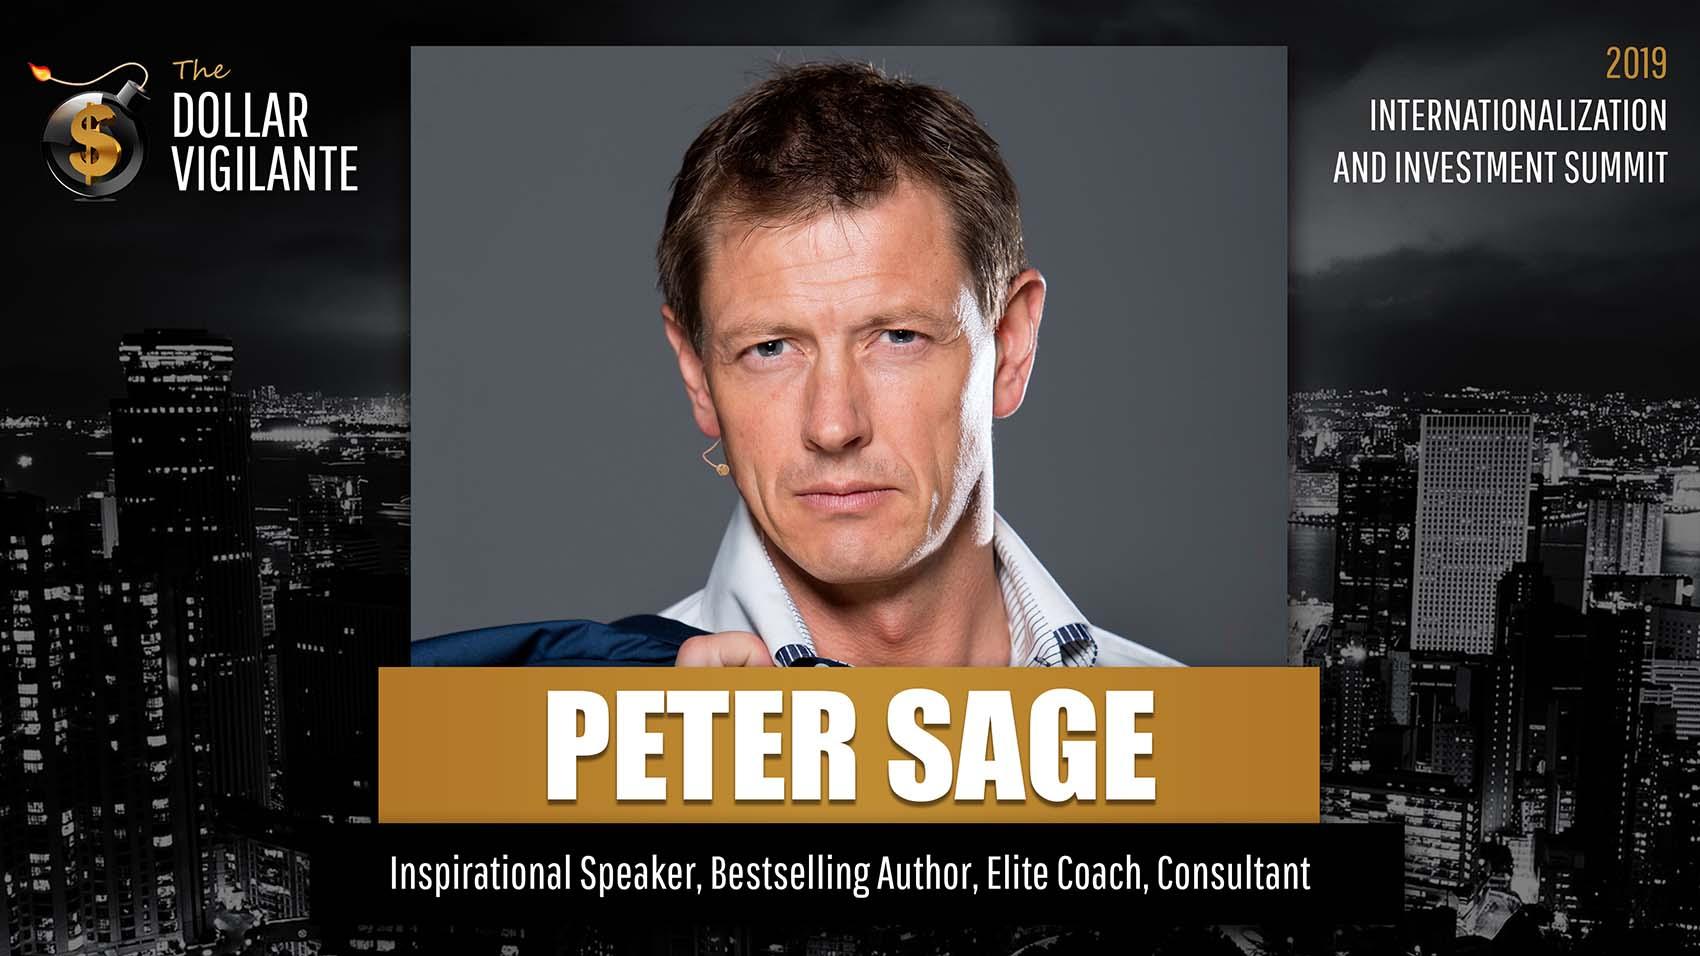 Peter sage 1700